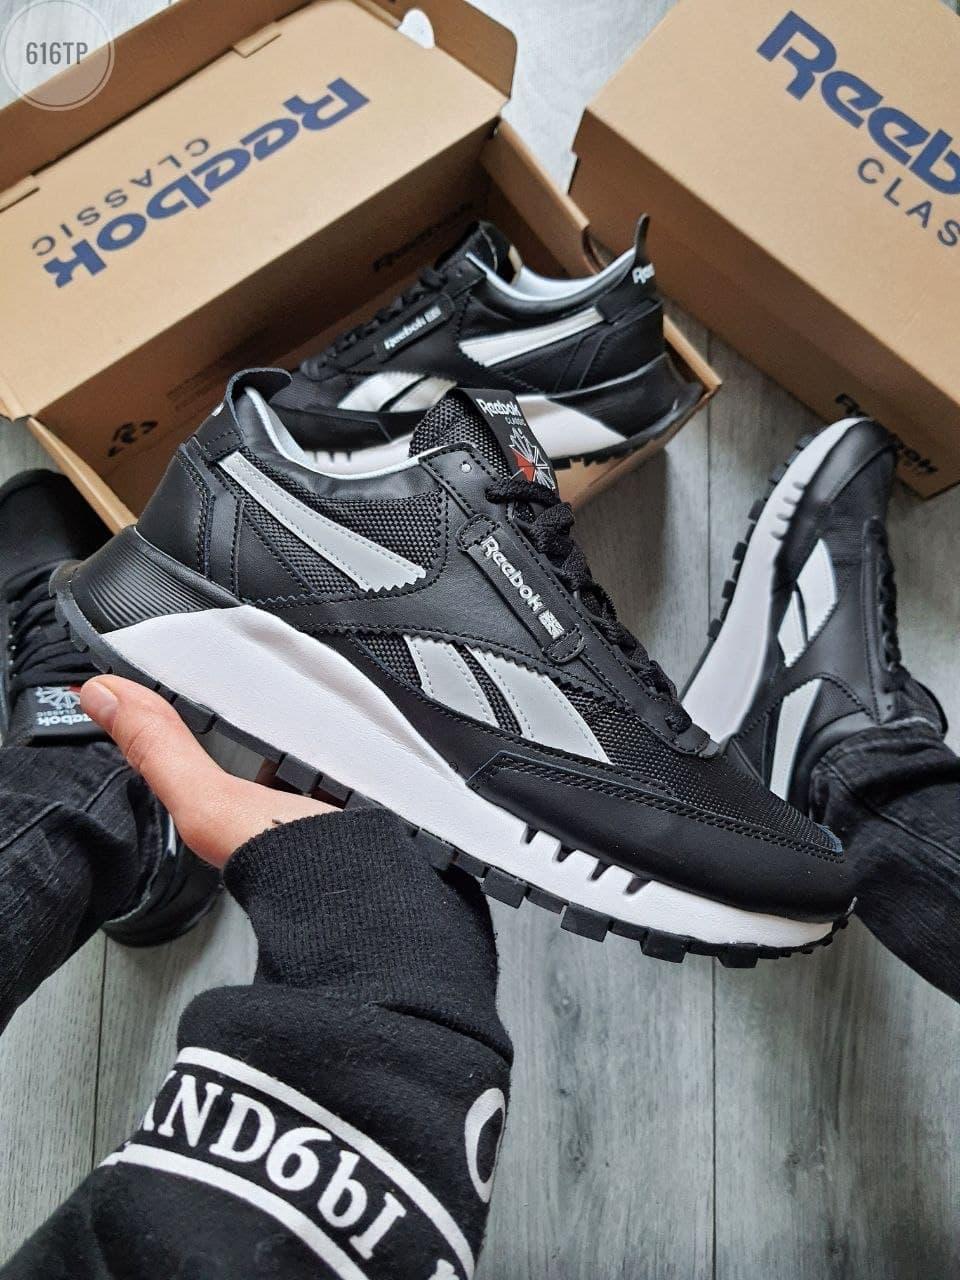 Мужские кроссовки Reebok (черные с белым) 616TP крутая обувь для парней